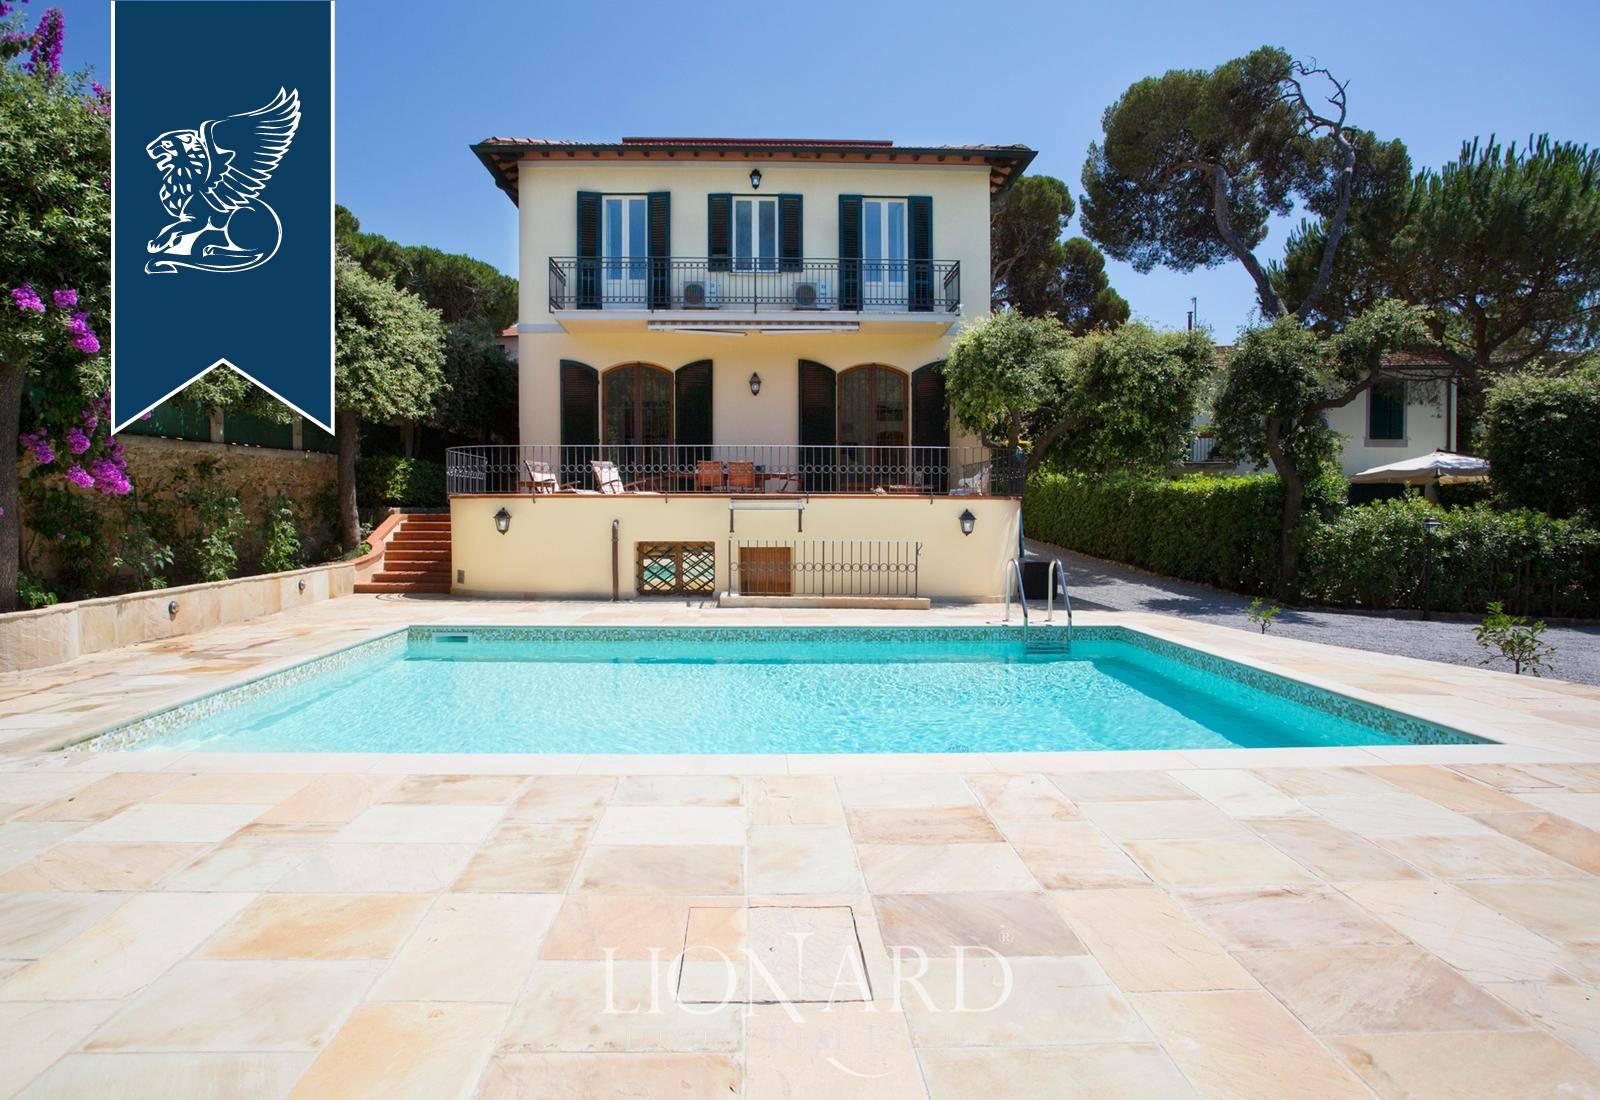 Villa in Vendita a Rosignano Marittimo: 0 locali, 340 mq - Foto 1